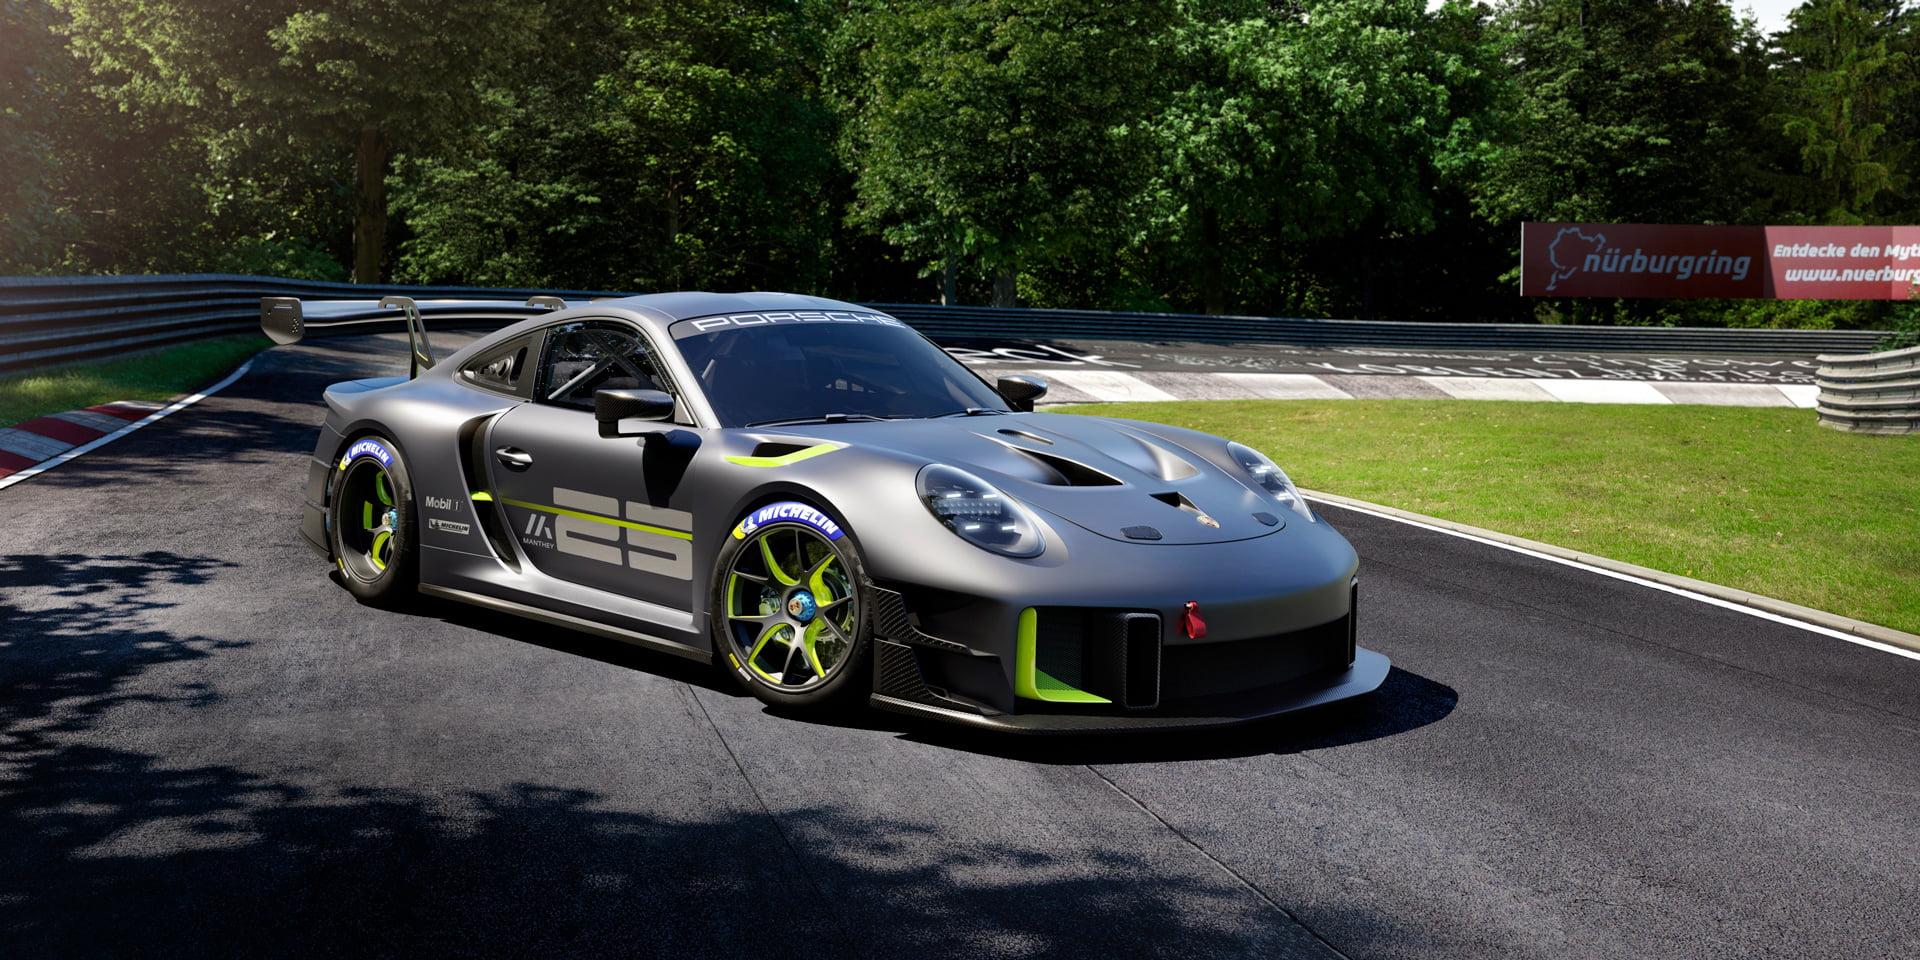 El 911 GT2 RS Clubsport 25, con una producción de tan solo 30 unidades, ha sido diseñado y desarrollado por Porsche y Manthey para celebrar el 25º aniversario de Manthey-Racing GmbH.